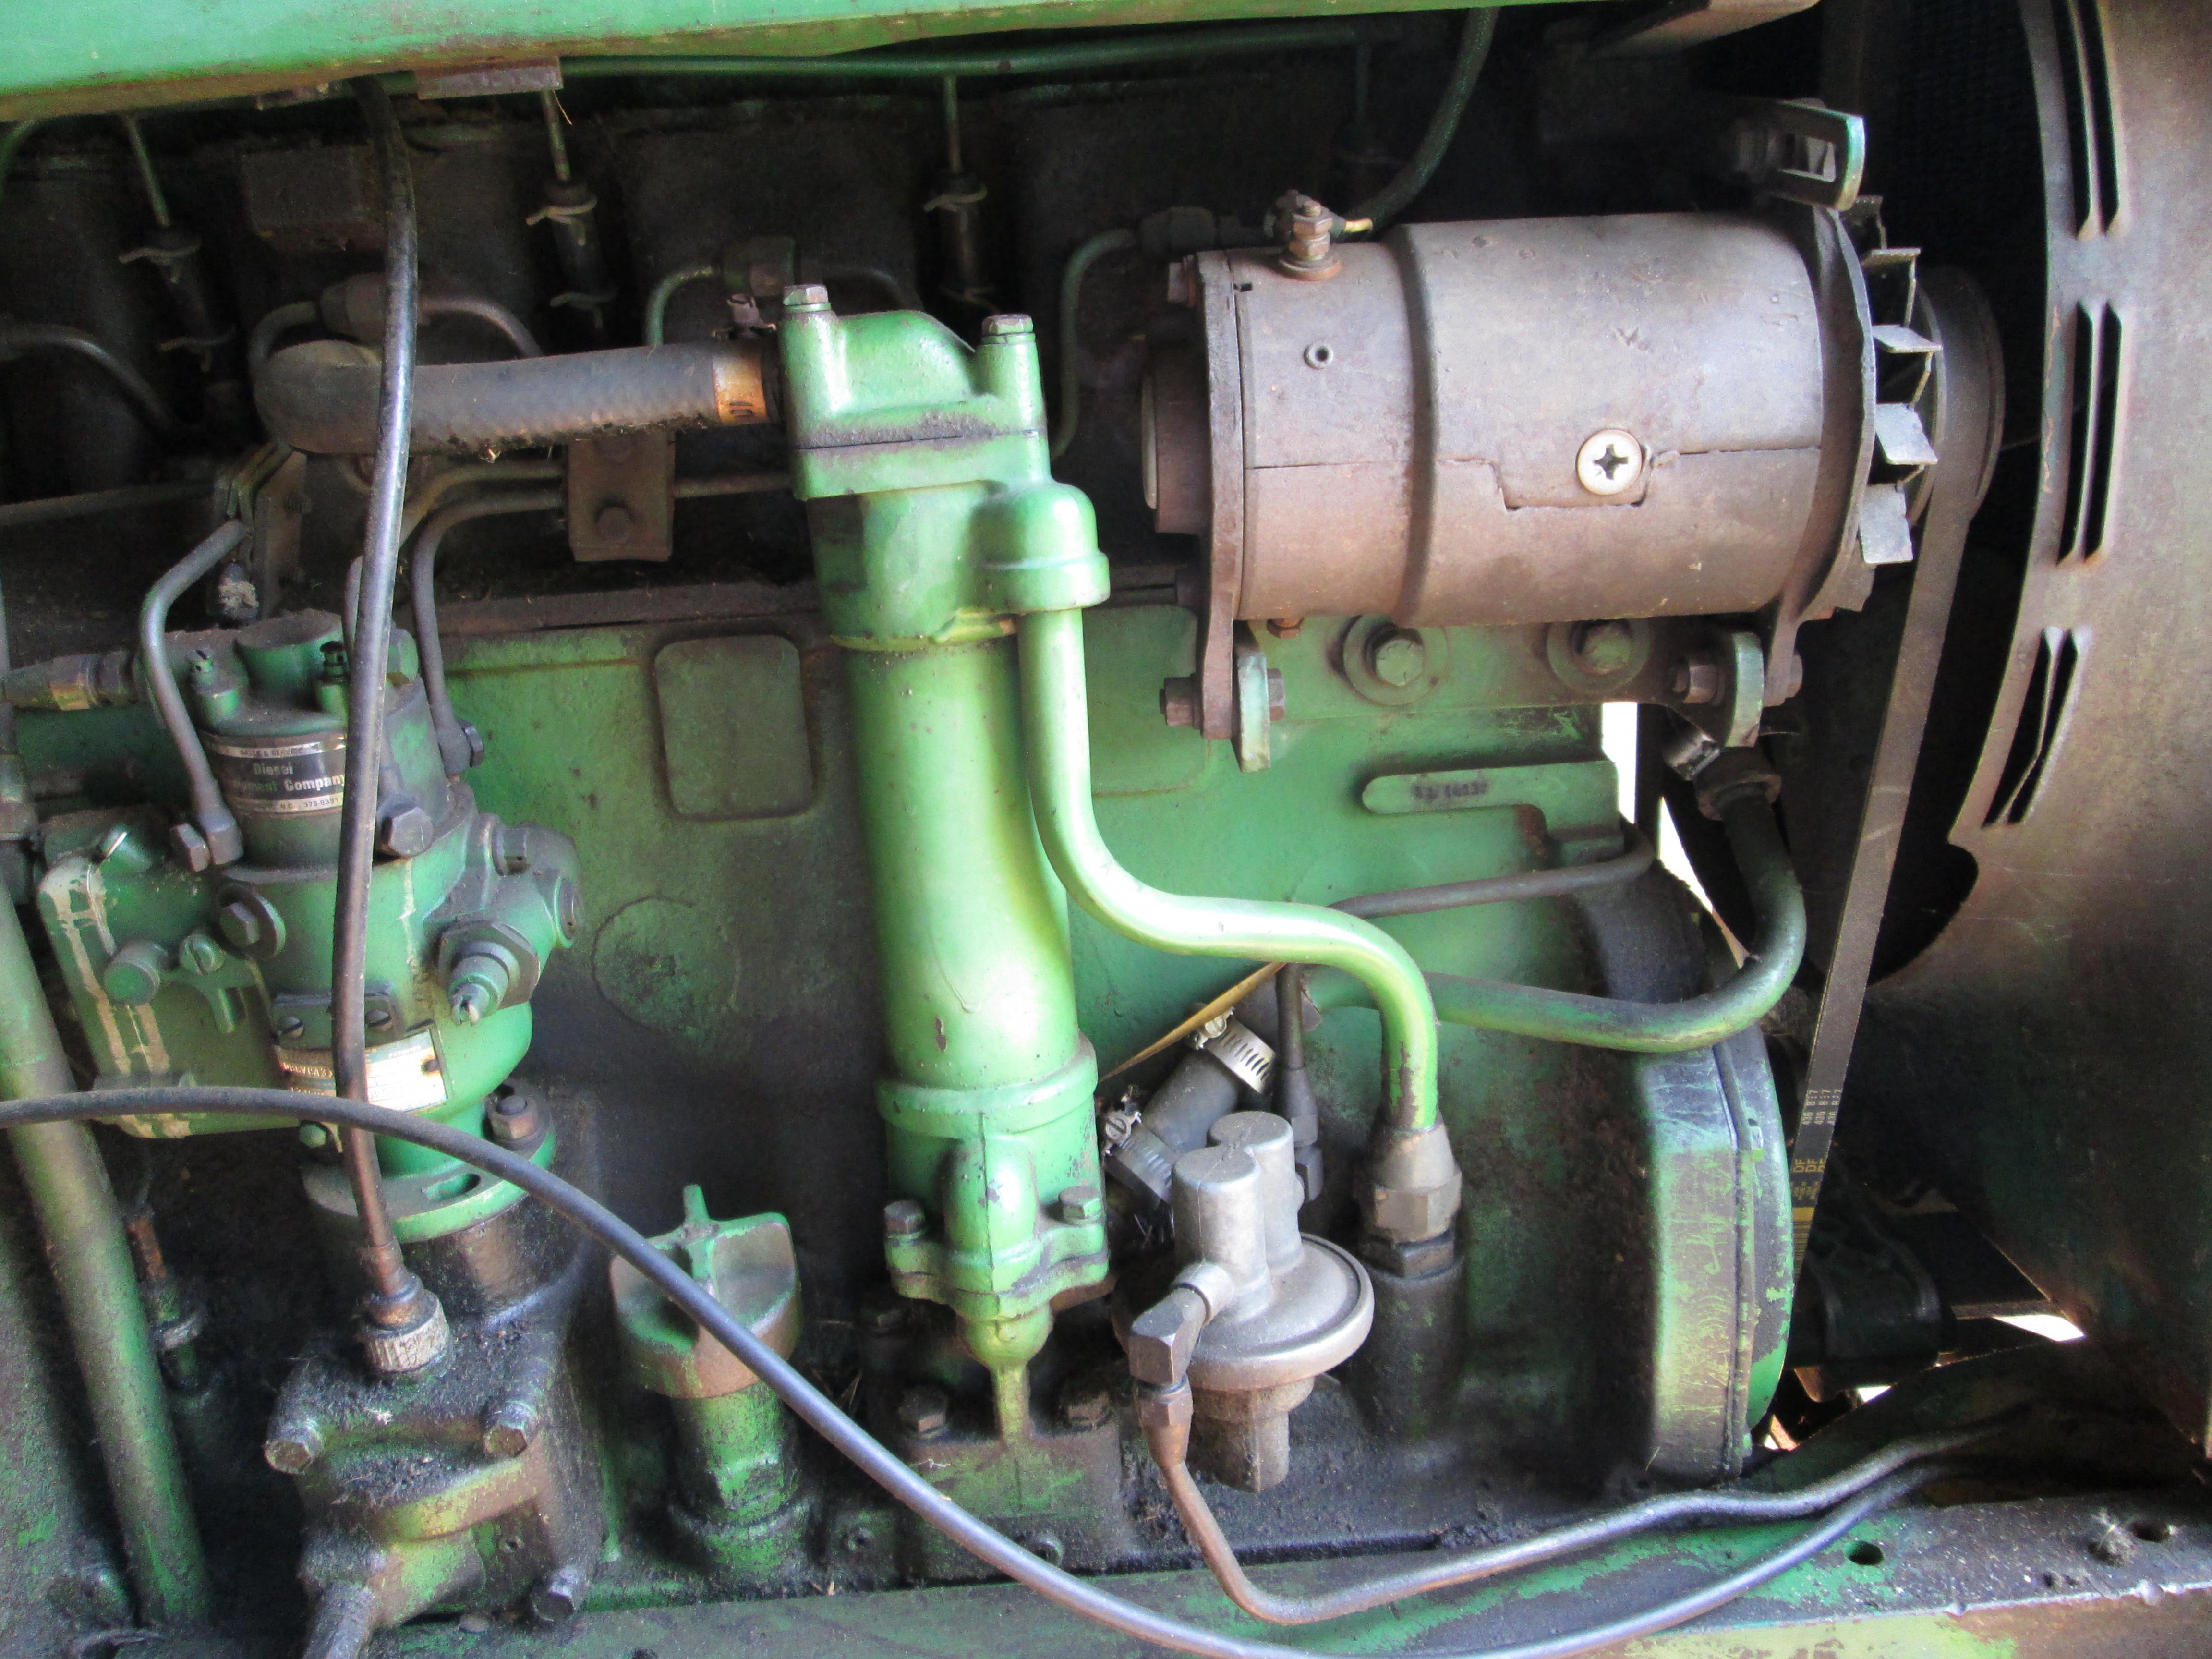 john deere 4020 starter wiring diagram john image john deere 3020 diesel 24v electrical system on john deere 4020 starter wiring diagram